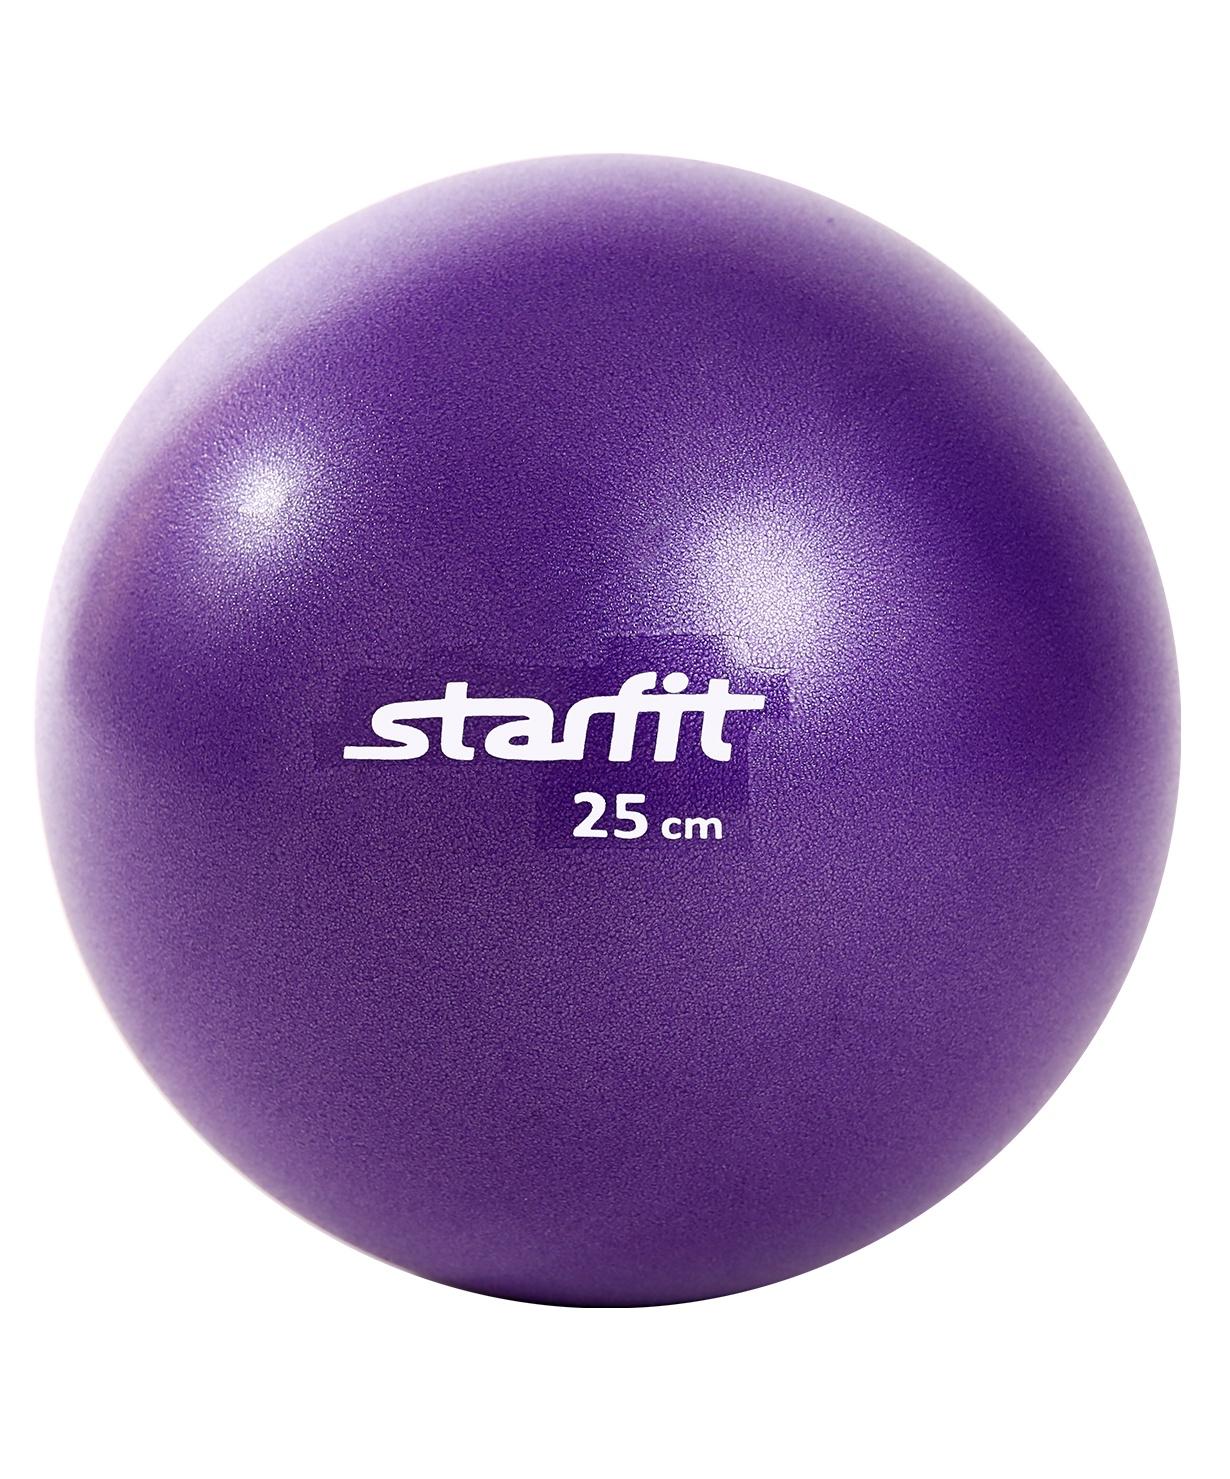 Мяч для фитнеса Starfit Мяч для пилатеса, фиолетовый мяч для фитнеса starfit мяч для пилатеса фиолетовый